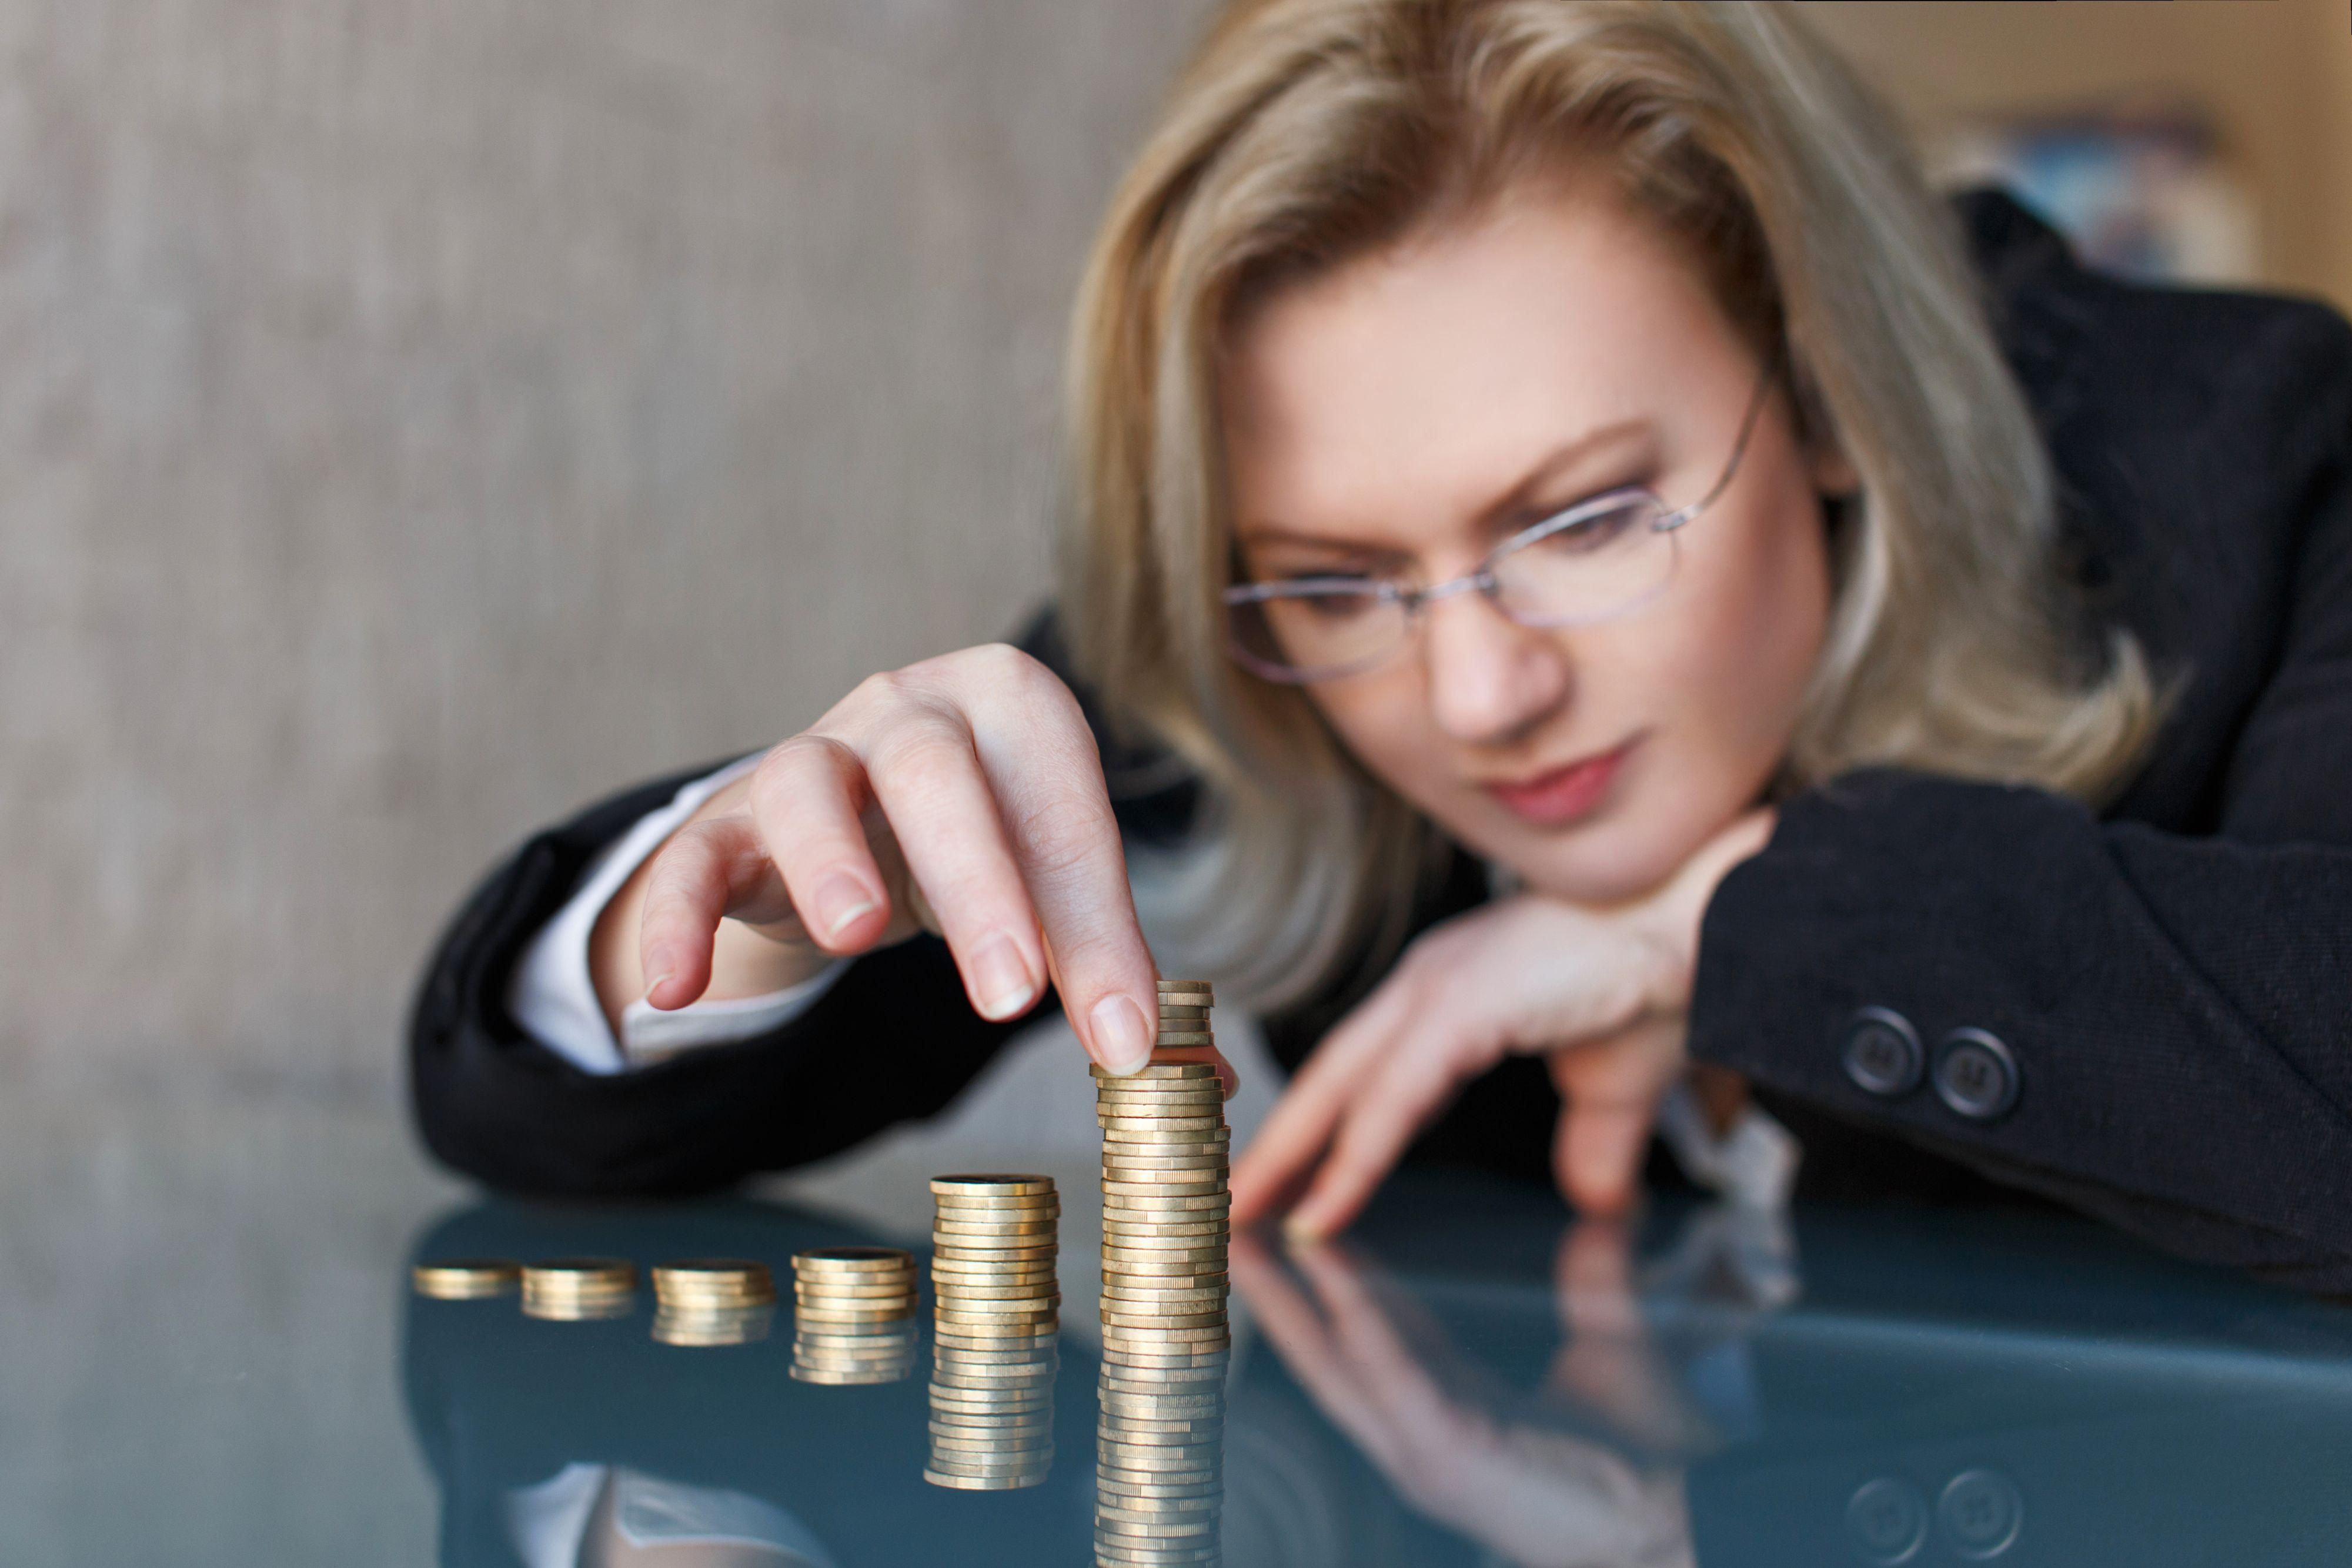 FZZ proponuje uzależnienie płacy minimalnej od średniego wynagrodzenia w gospodarce narodowej, na poziomie 50-60 proc. (Fot. Shutterstock)